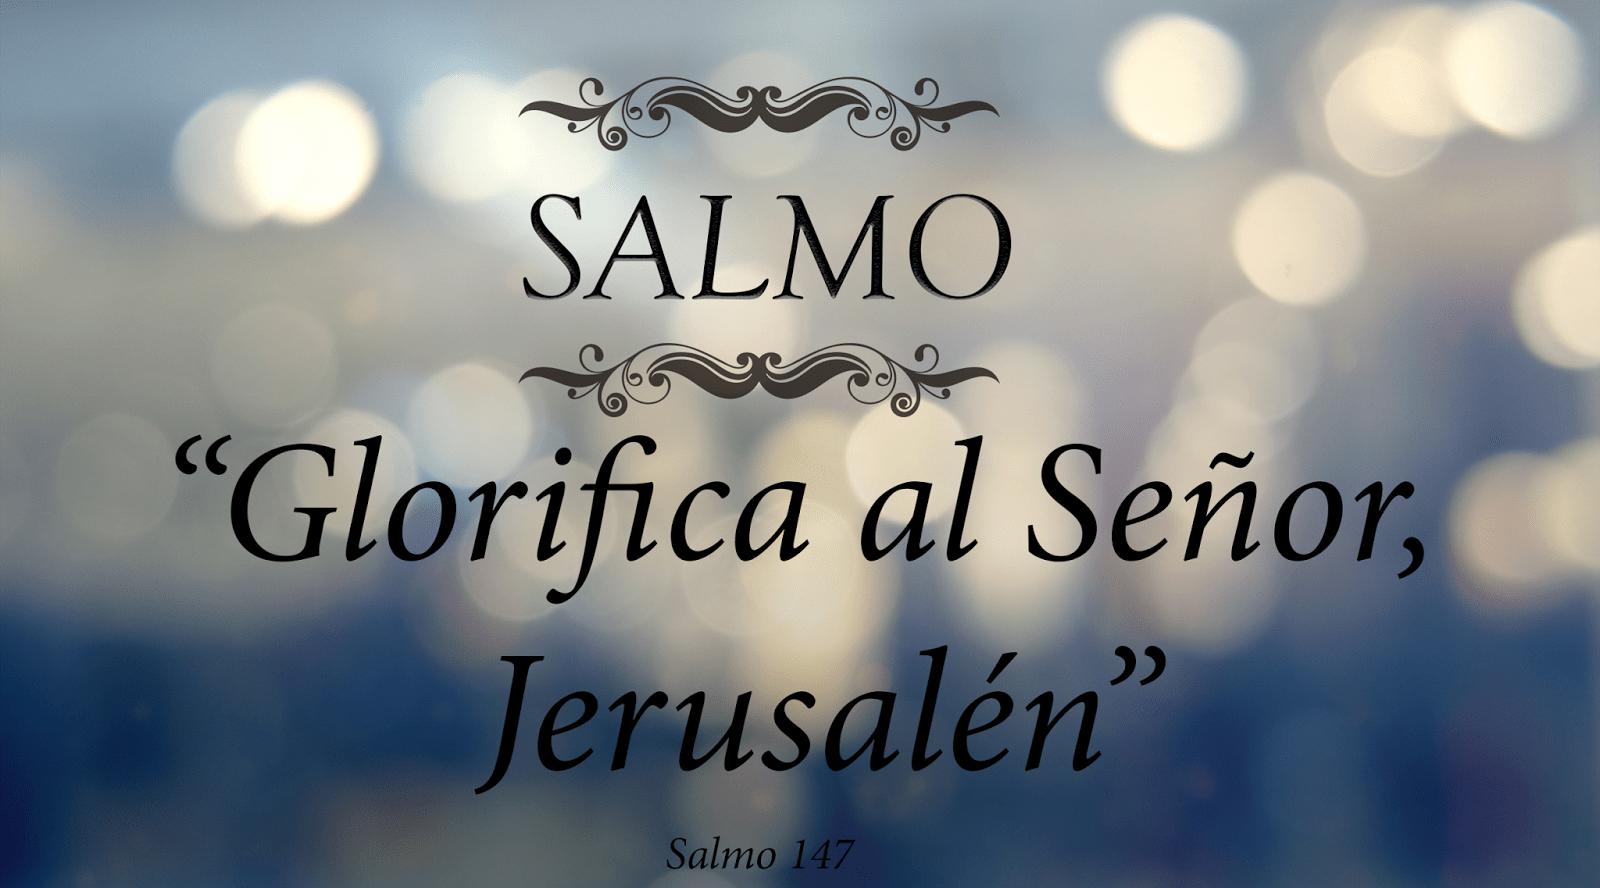 Glorifica al Señor, Jerusalén